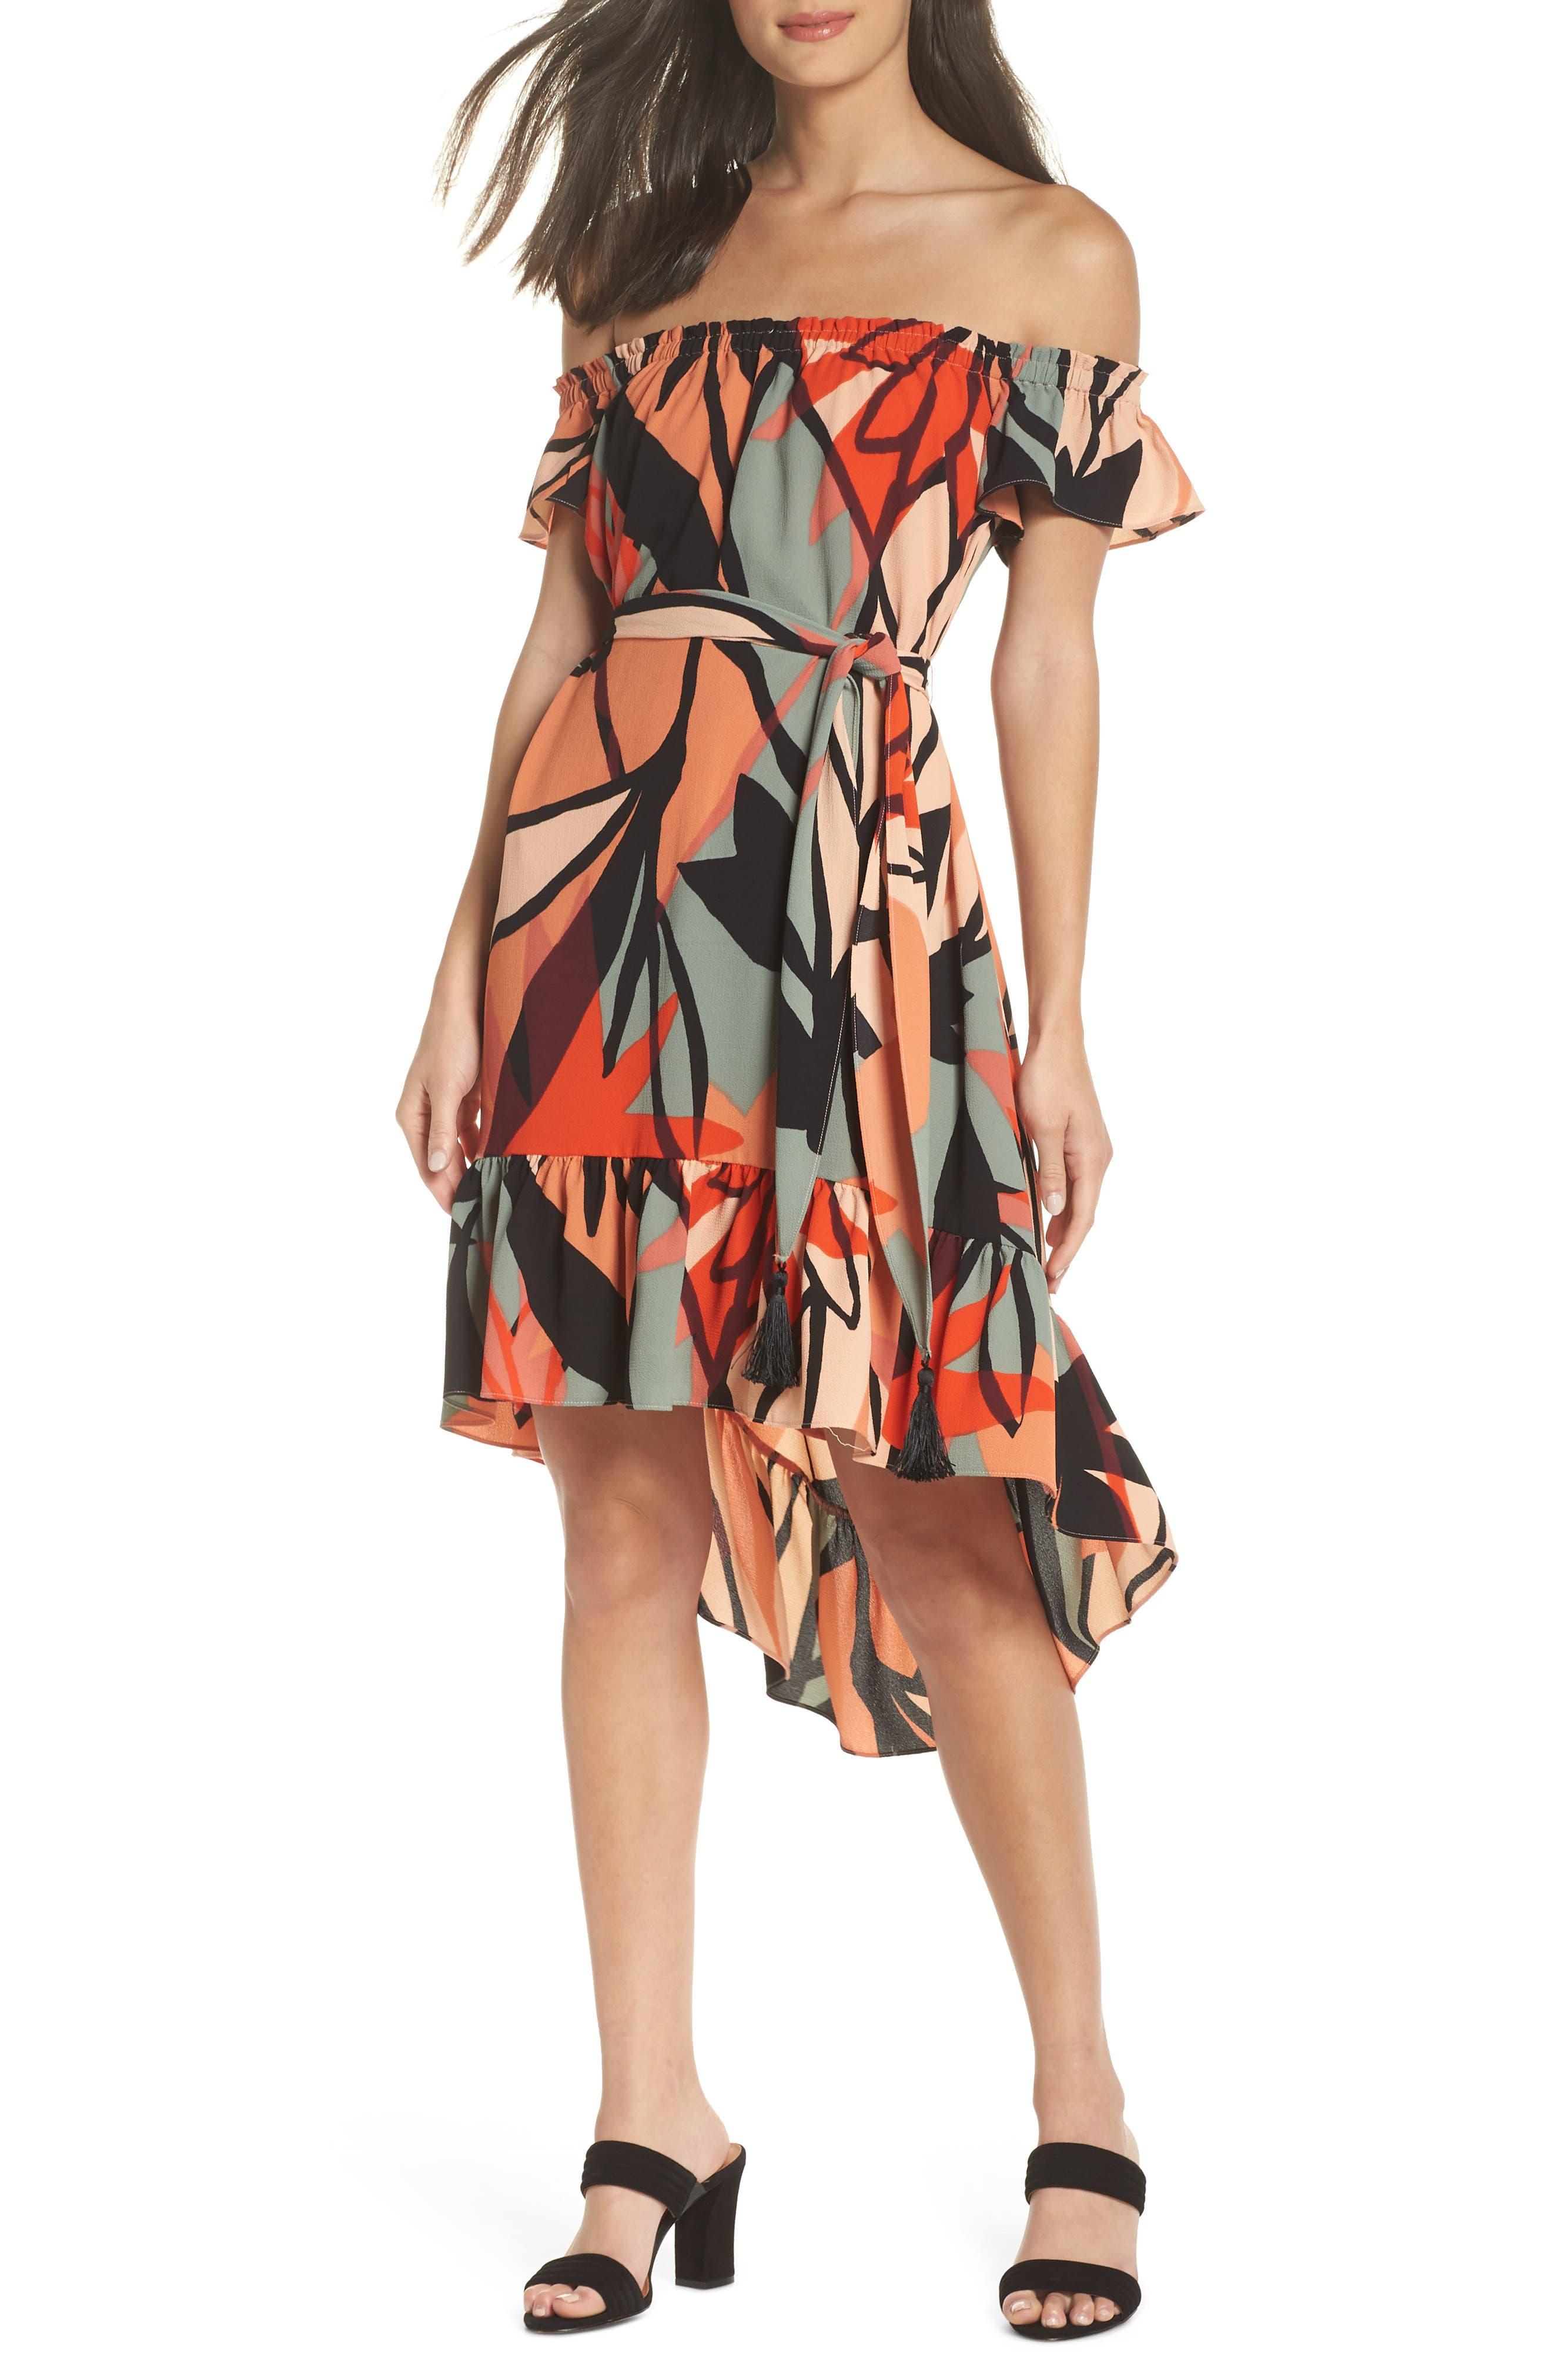 Off the Shoulder Bubble Crepe Dress,                         Main,                         color, Peach / Black